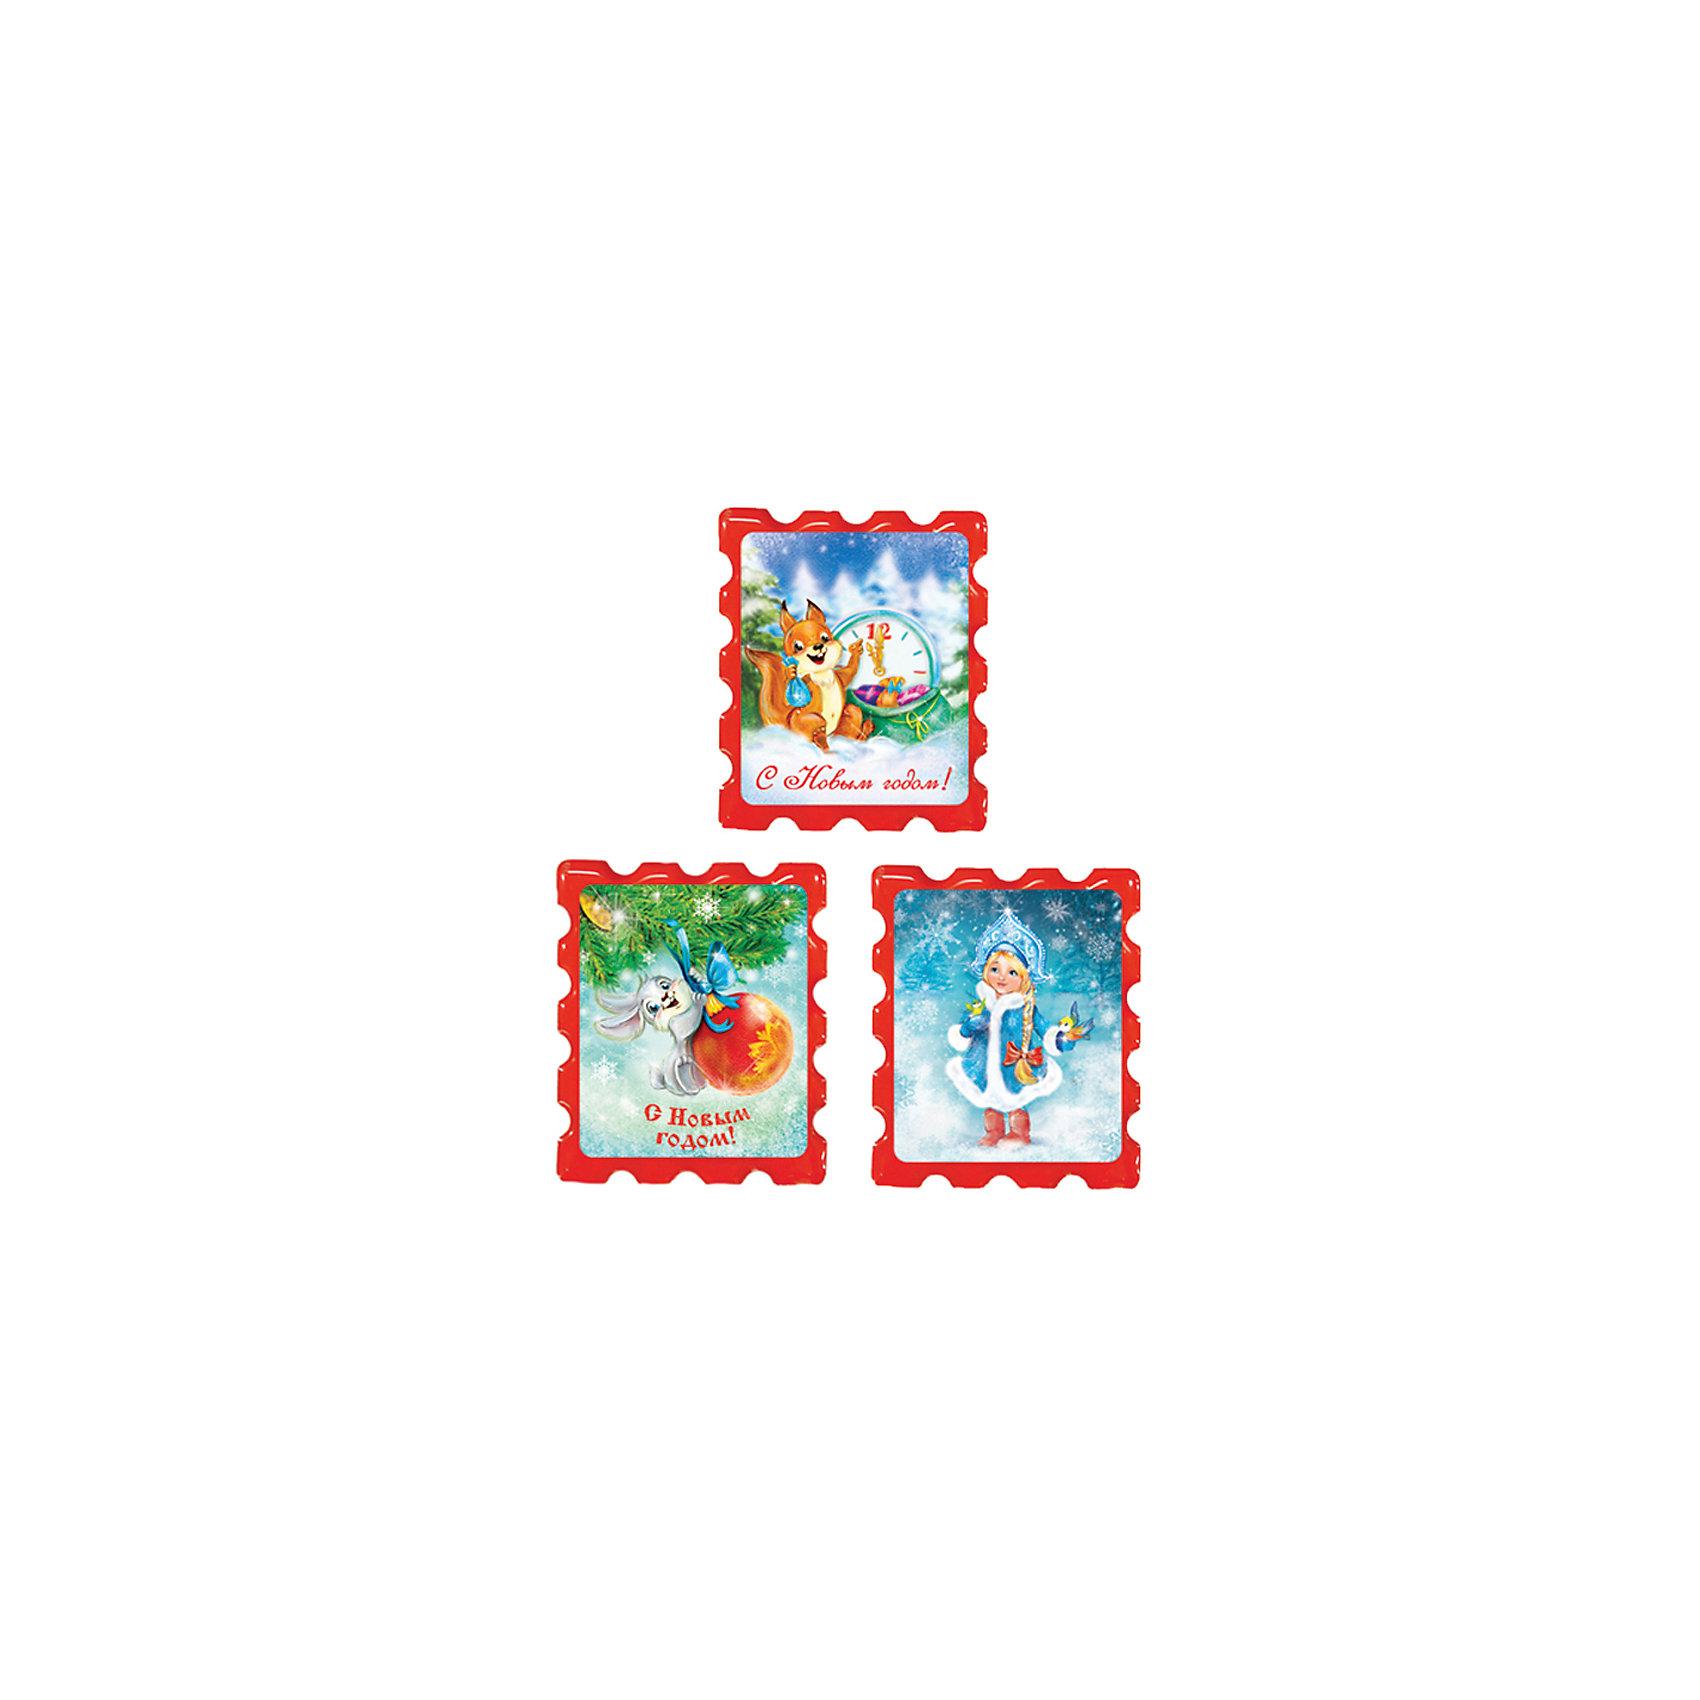 Новогодняя сказка Сувенир магнит С Новым годом! 5х6 см, в ассортименте магнит с новым годом 6 5см в блистере 31502